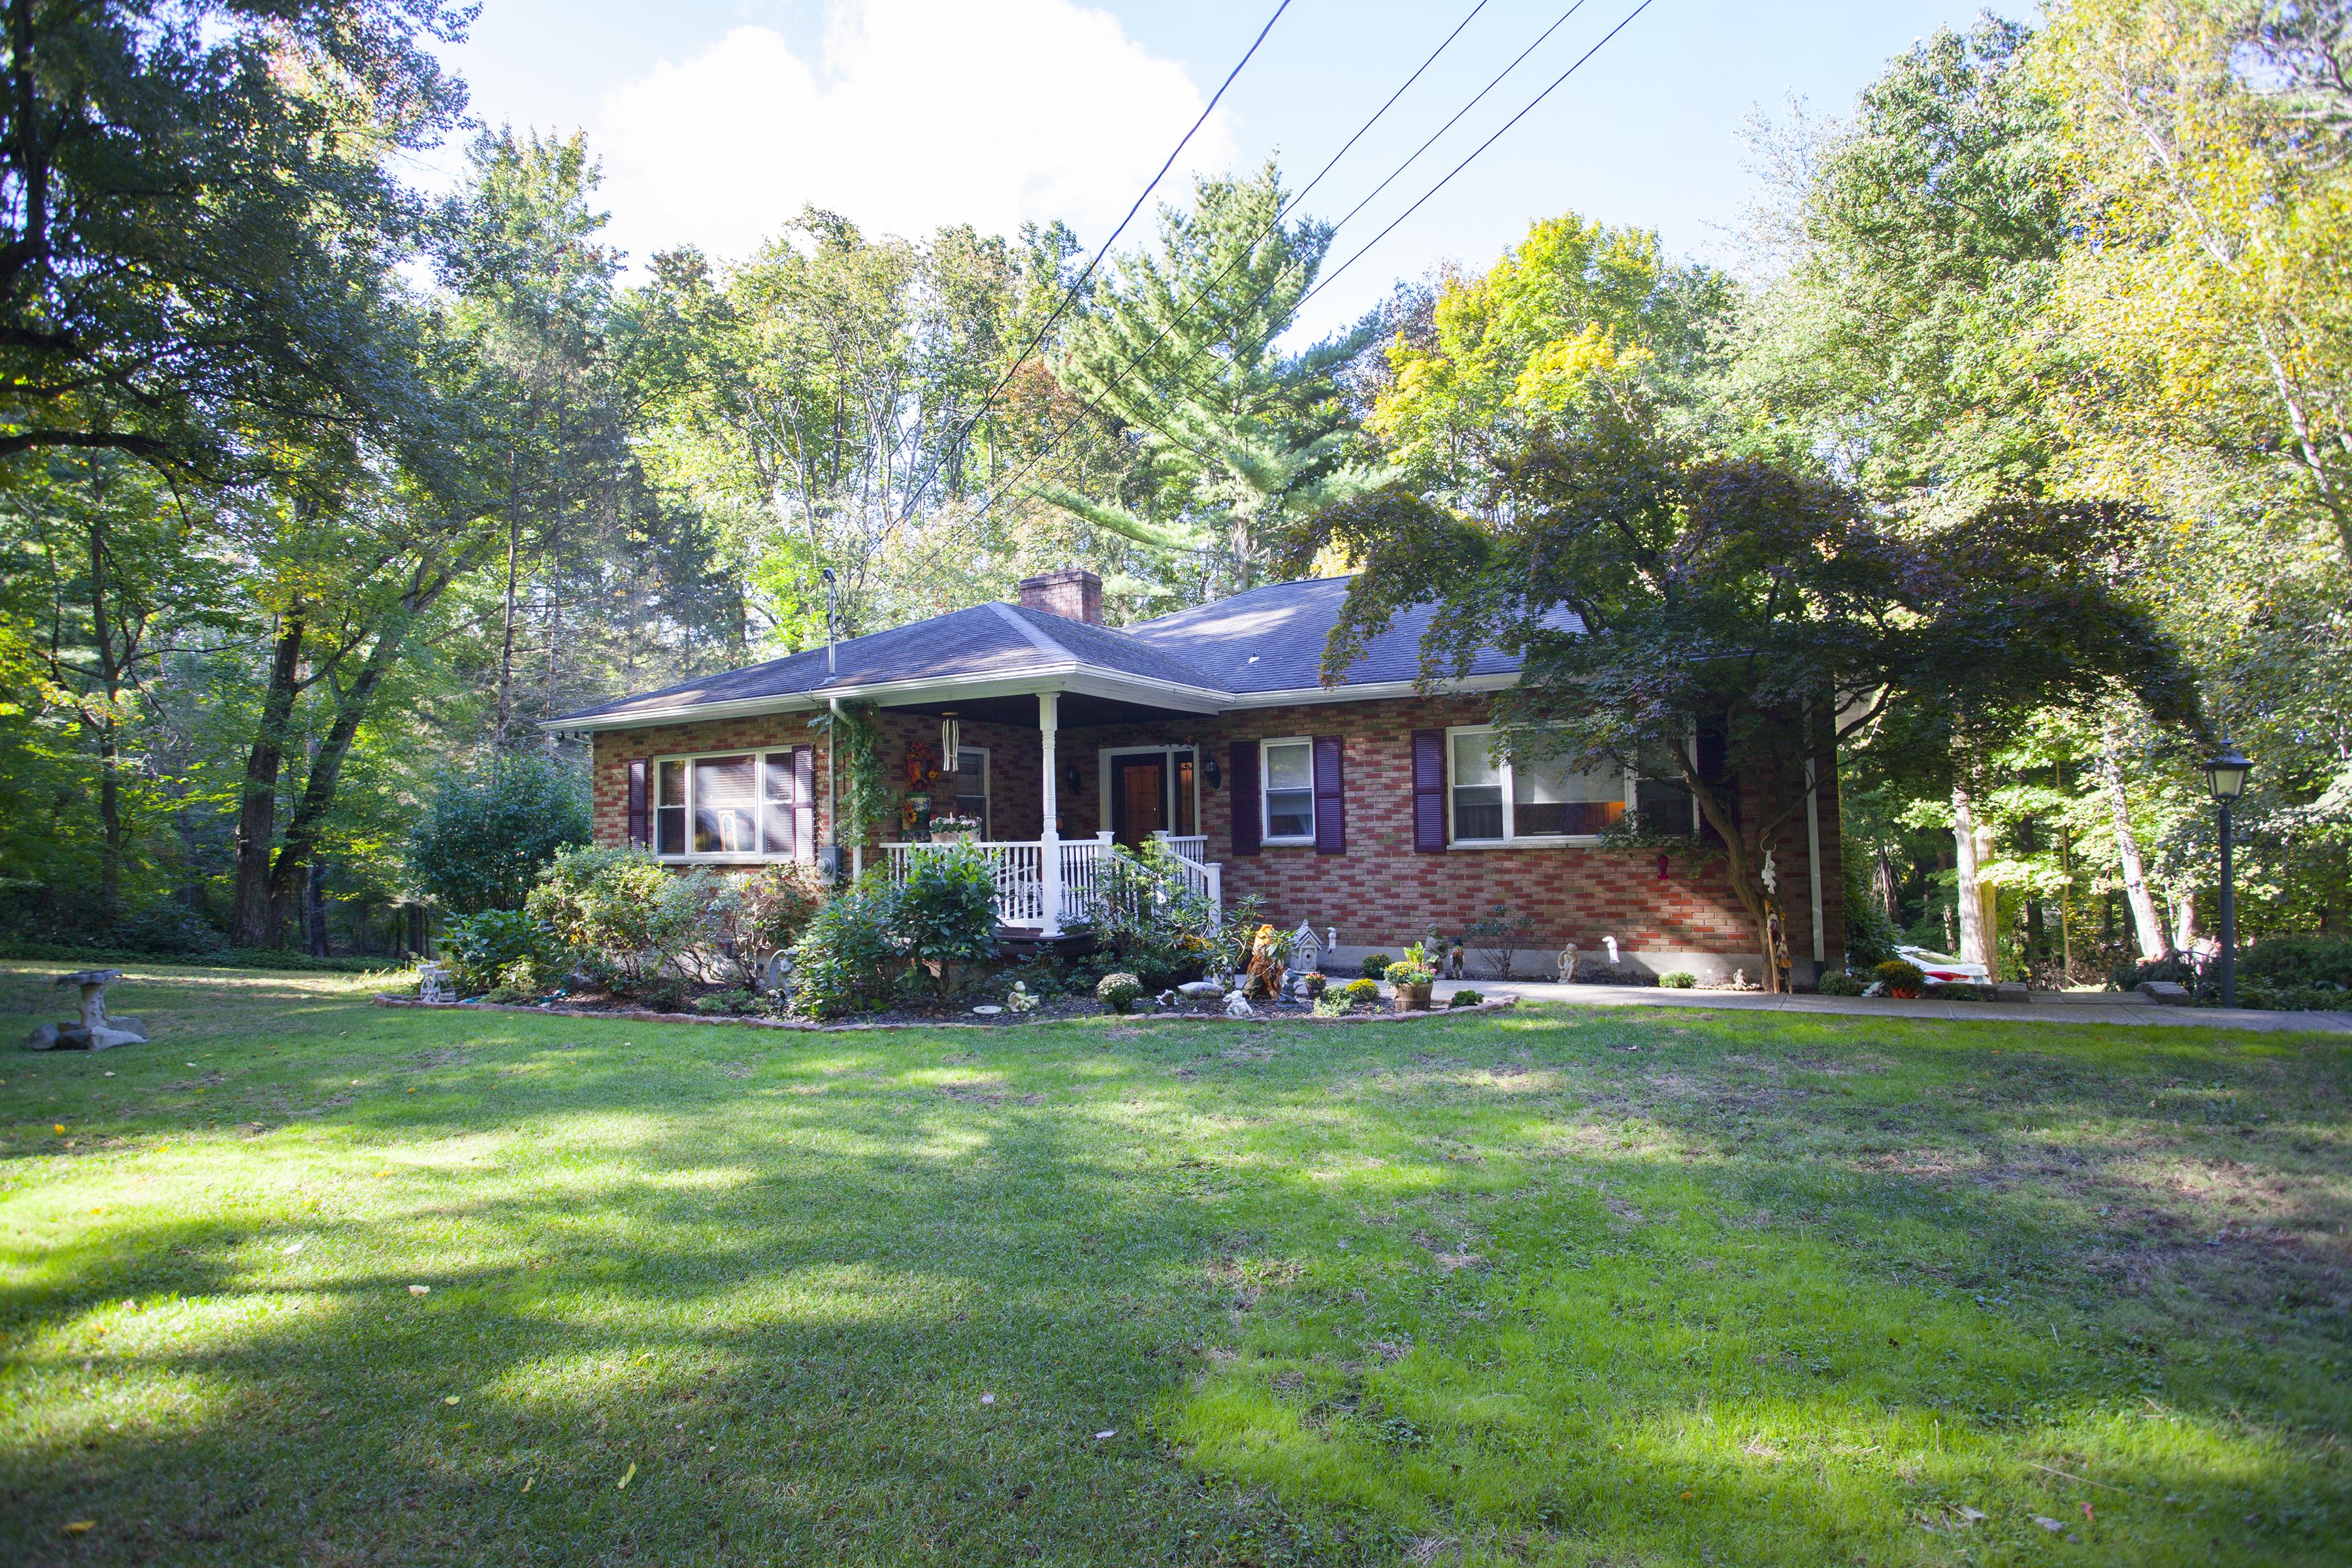 Casa Unifamiliar por un Alquiler en West Side Rental Opportunity 21 Hudson Drive New Fairfield, Connecticut 06812 Estados Unidos